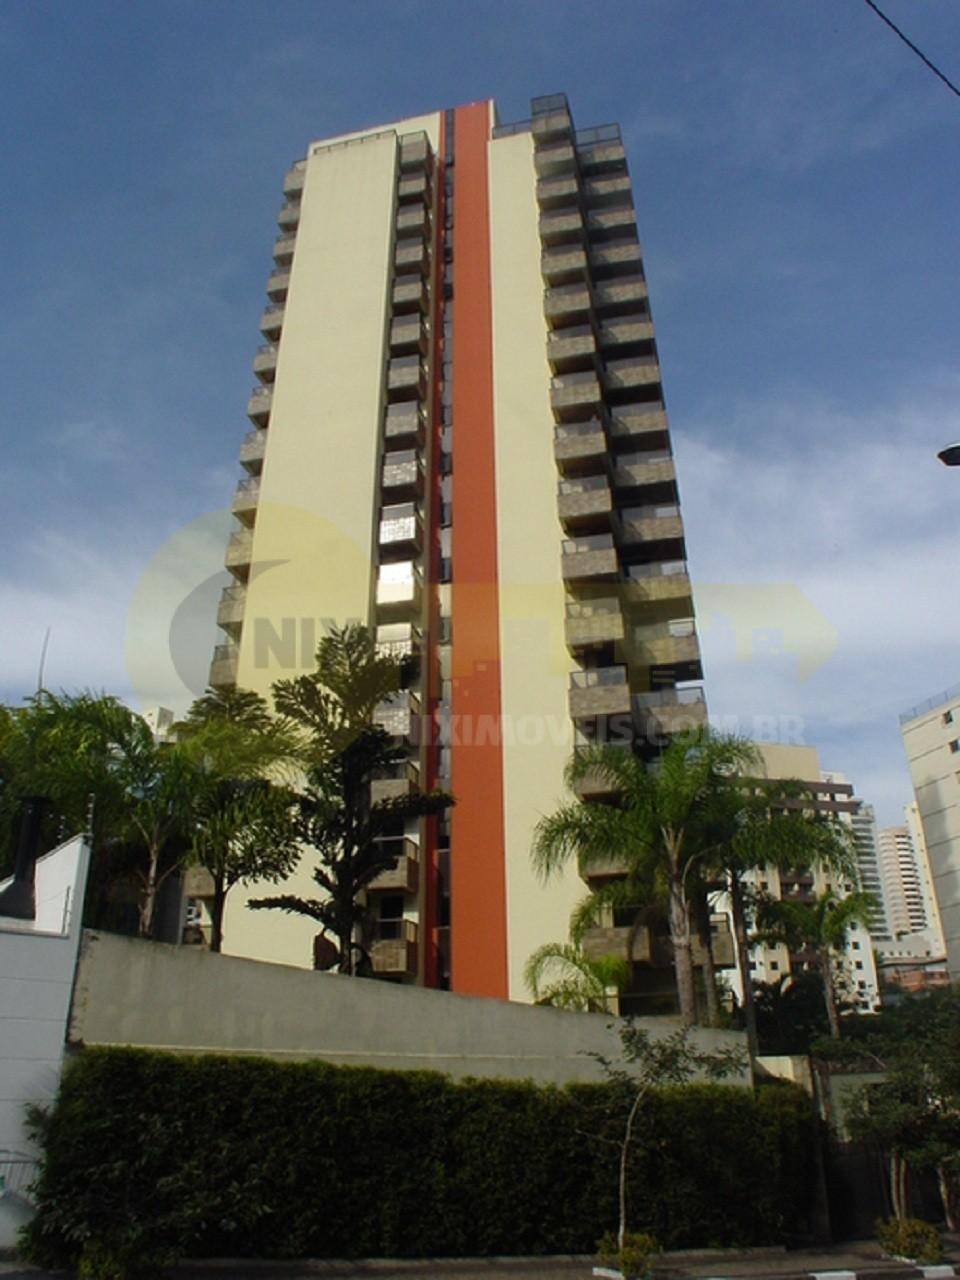 Apartamento Venda Vila Andrade Sp Morumbi Shopping Jardim Sul varanda vista arborizada panorâmica. 3 suítes com varanda. 140m³ sofisticado, 1 por andar!